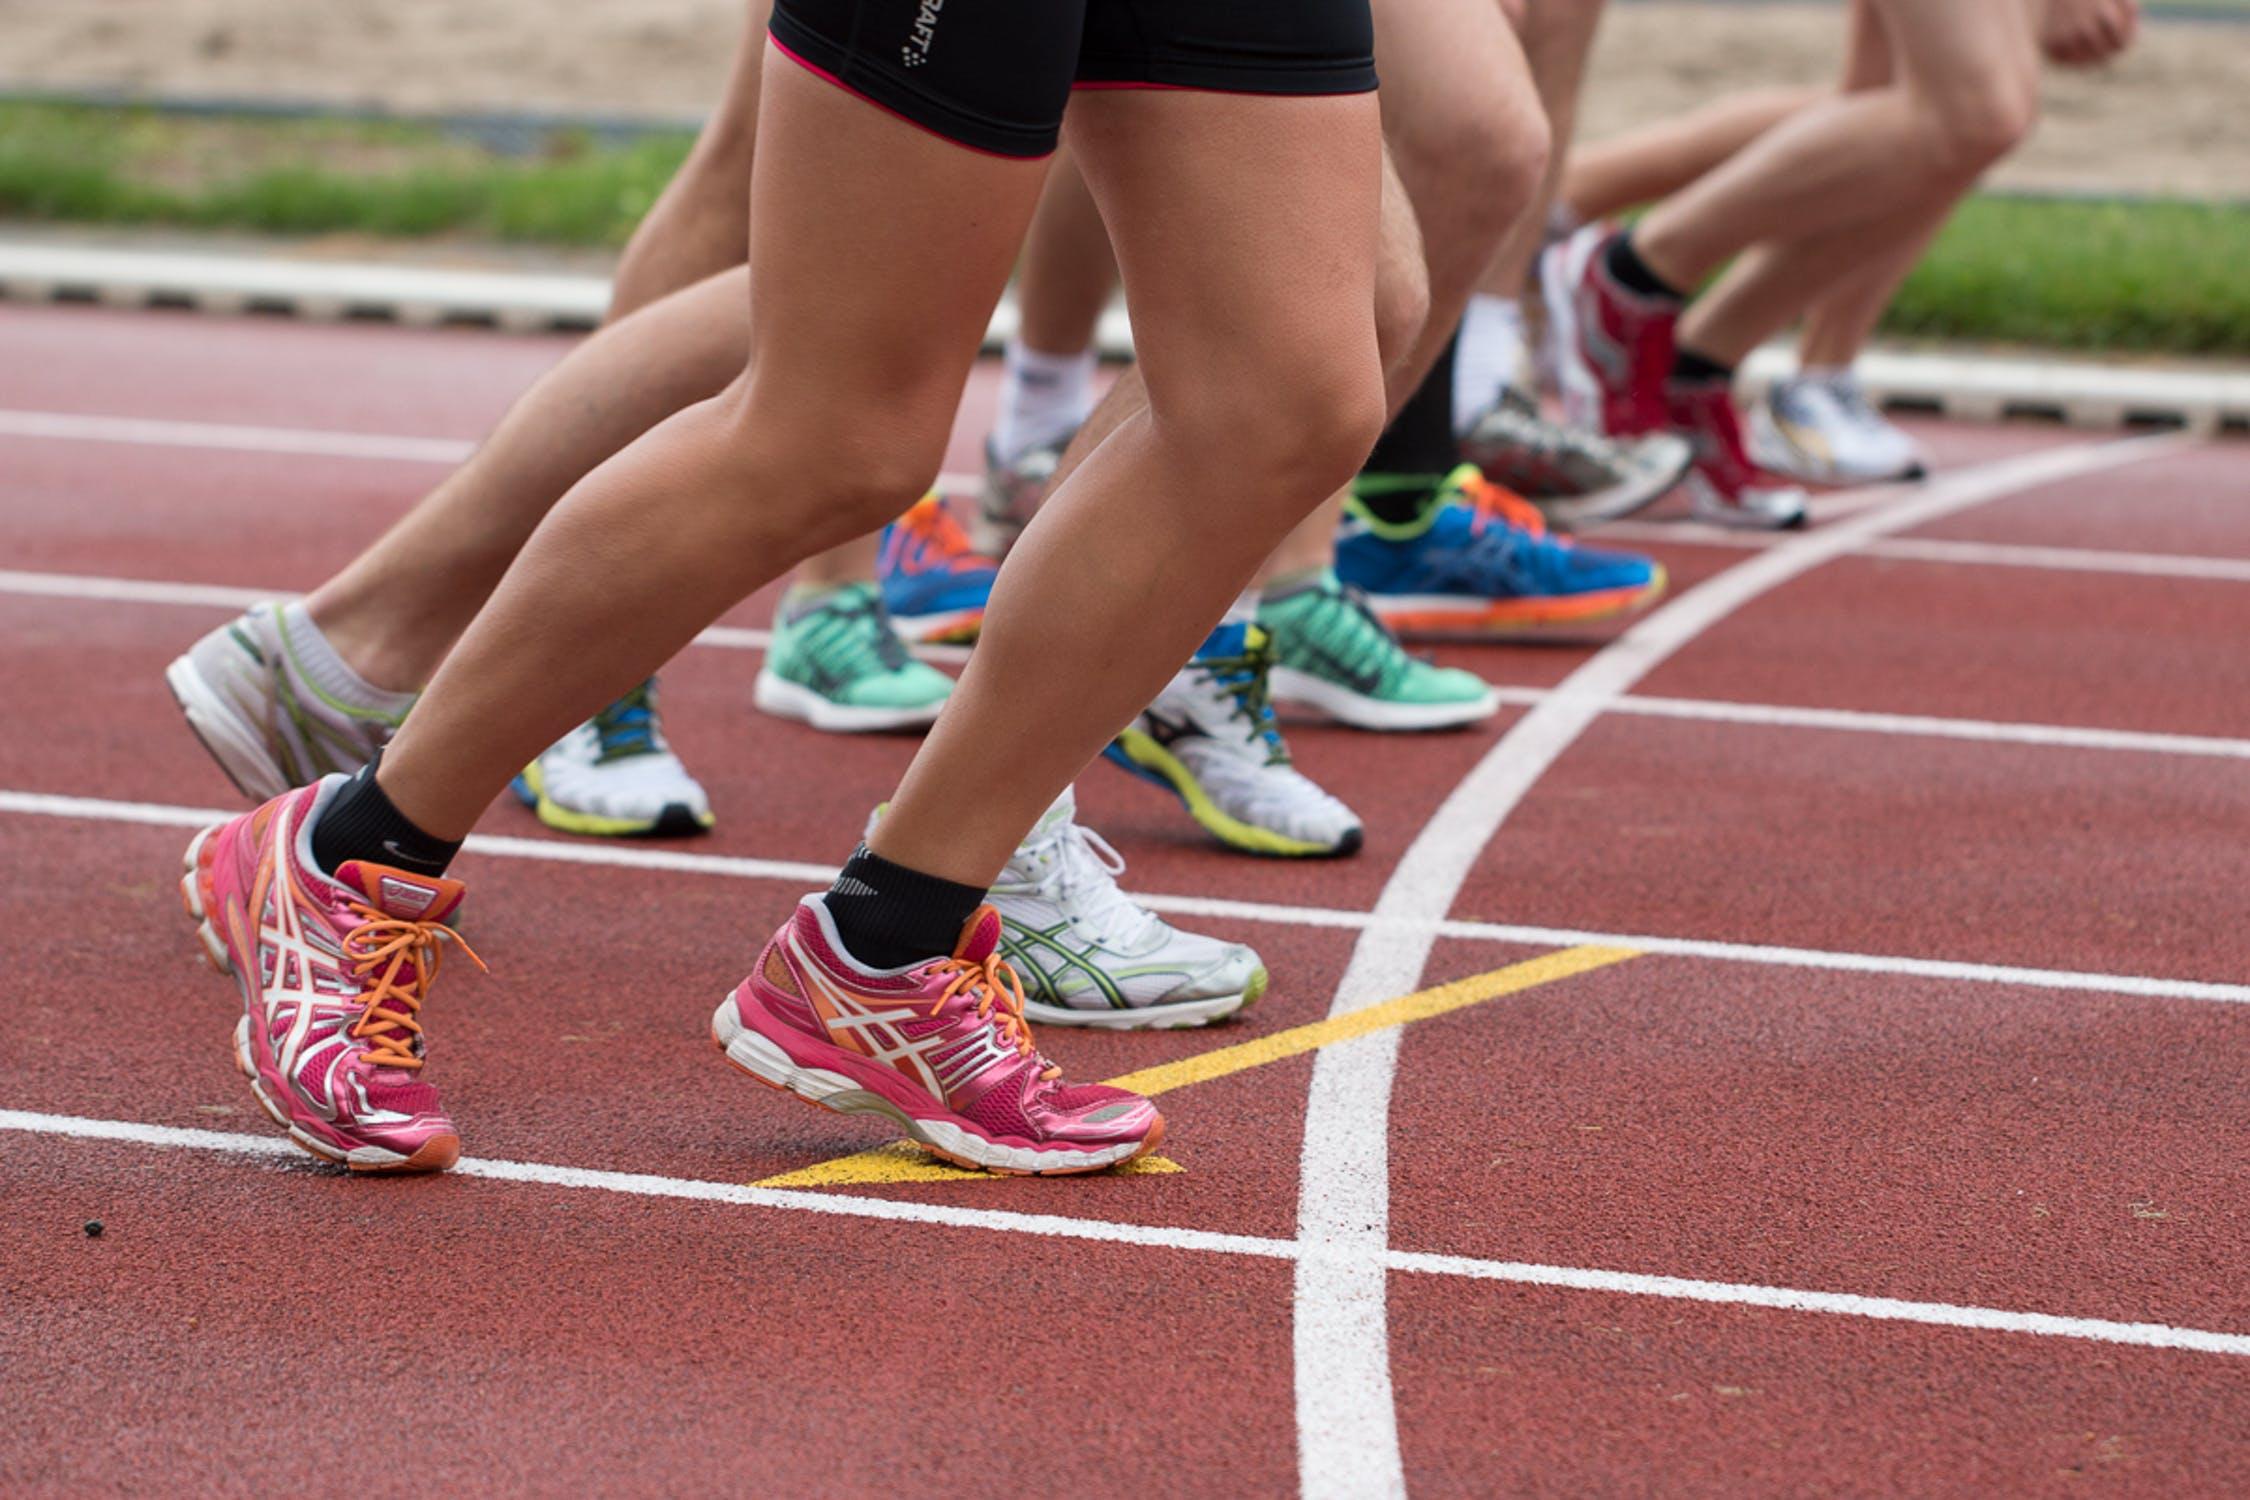 Beyaz Spor Ayakkabı Modelleriyle Tarzınızı Nasıl Yansıtabilirsiniz